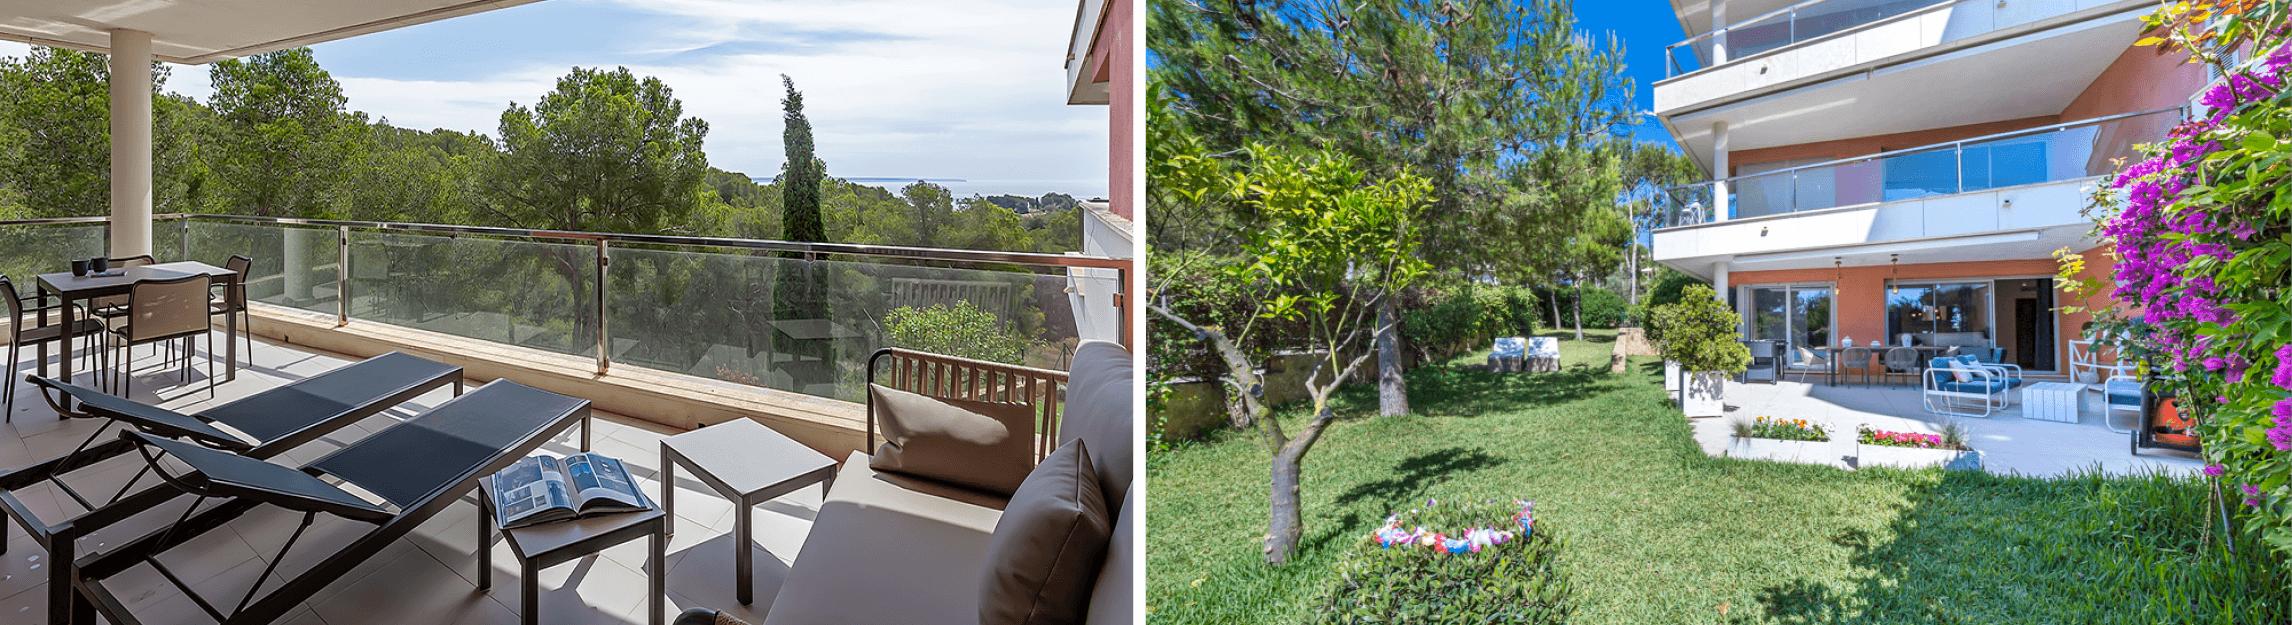 Properties under 800K - Sol de Mallorca